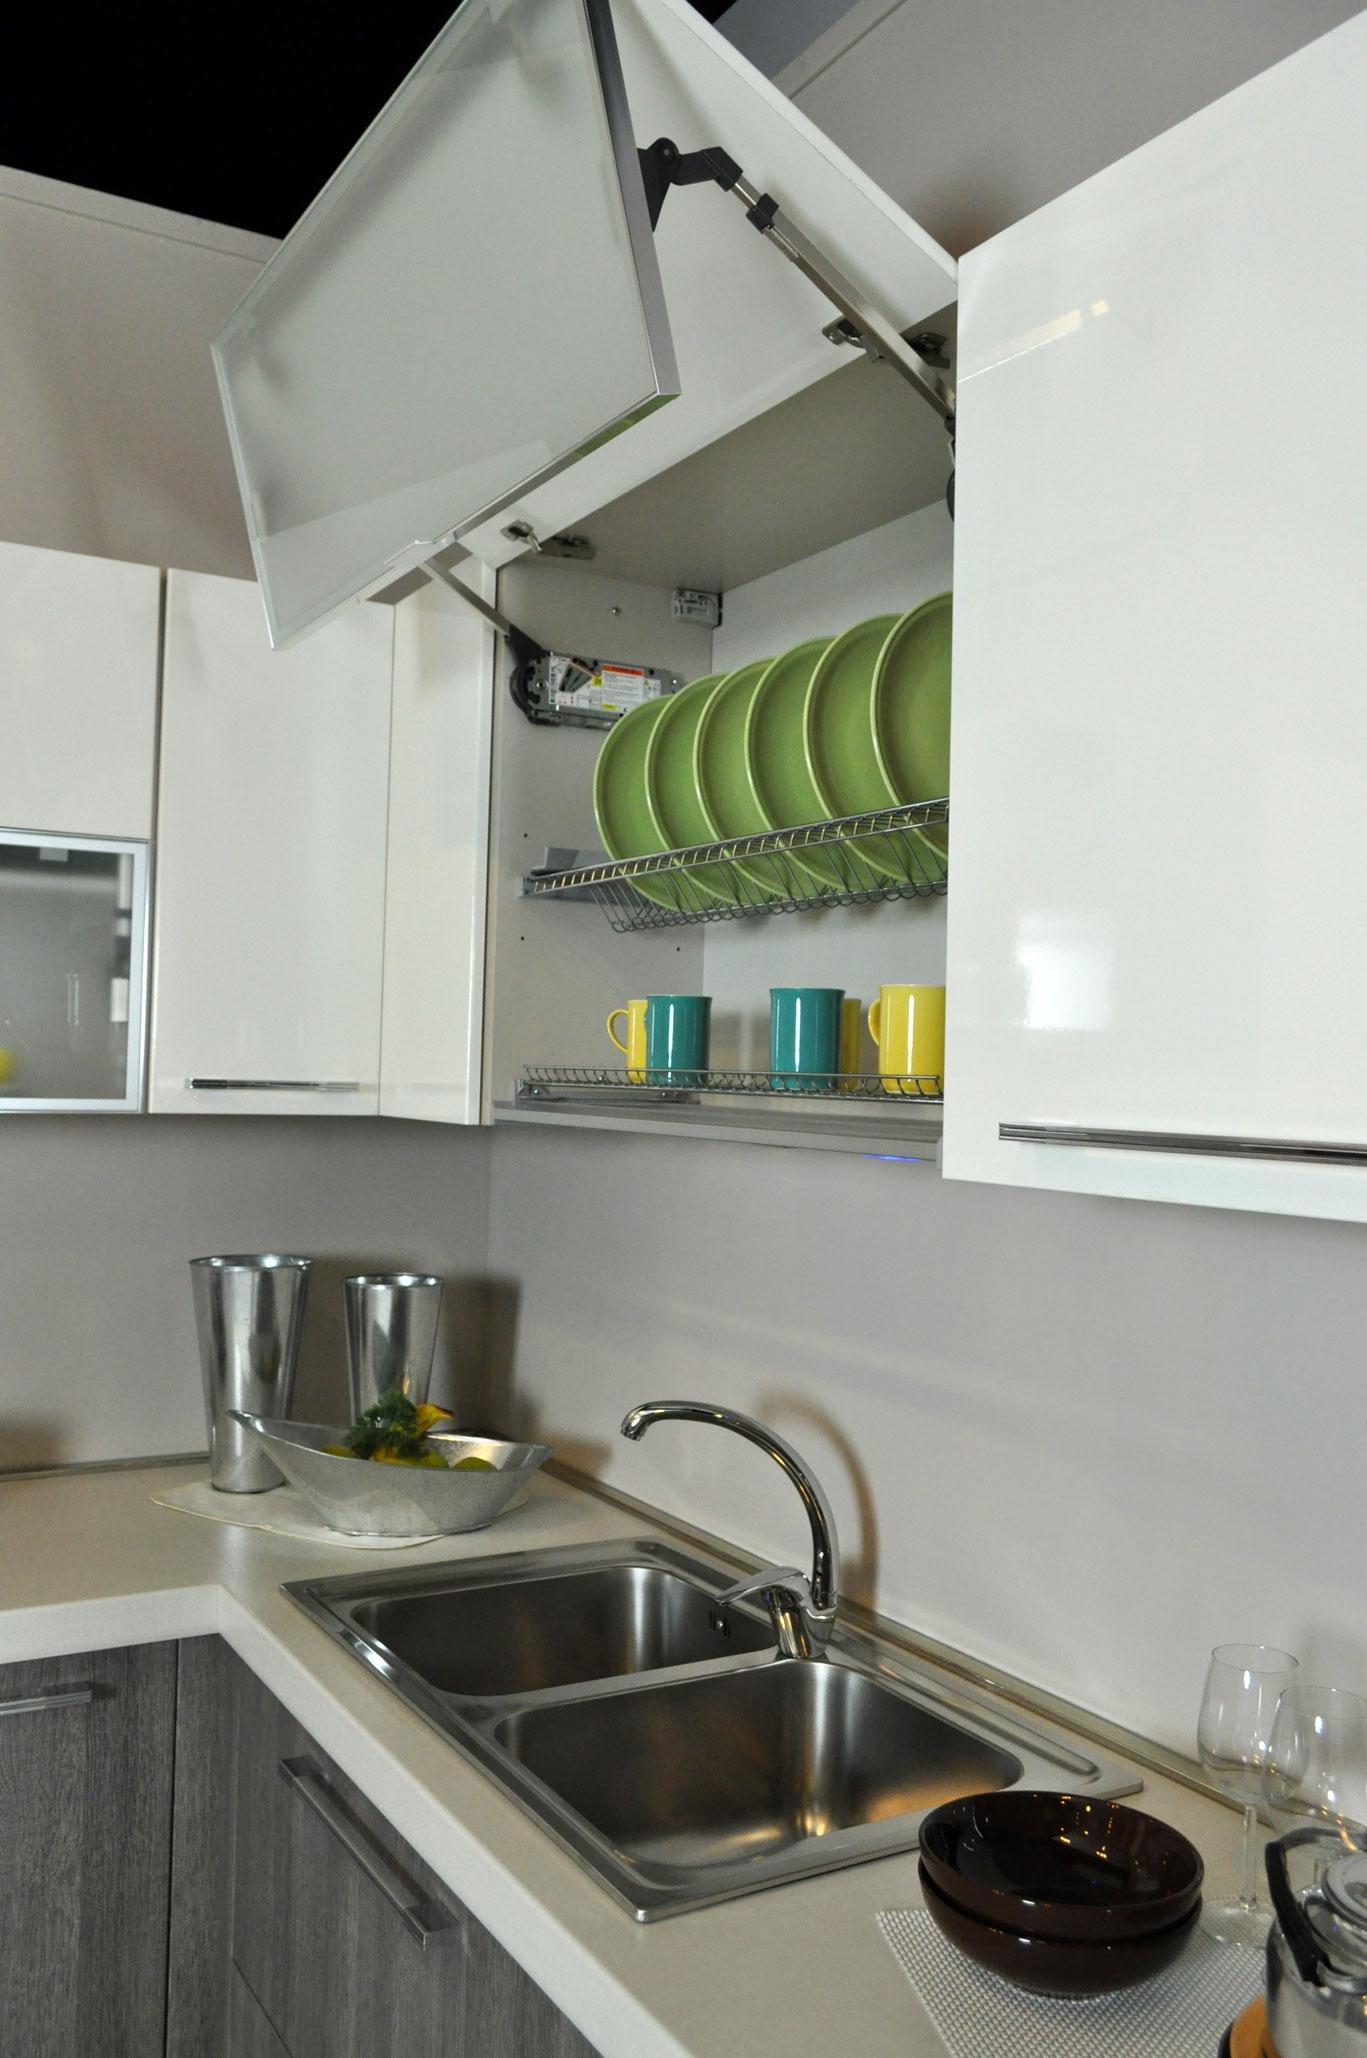 Cucina lube noemi angolare completa di elettrodomestici in saldo cucine a prezzi scontati - Cucina completa prezzi ...